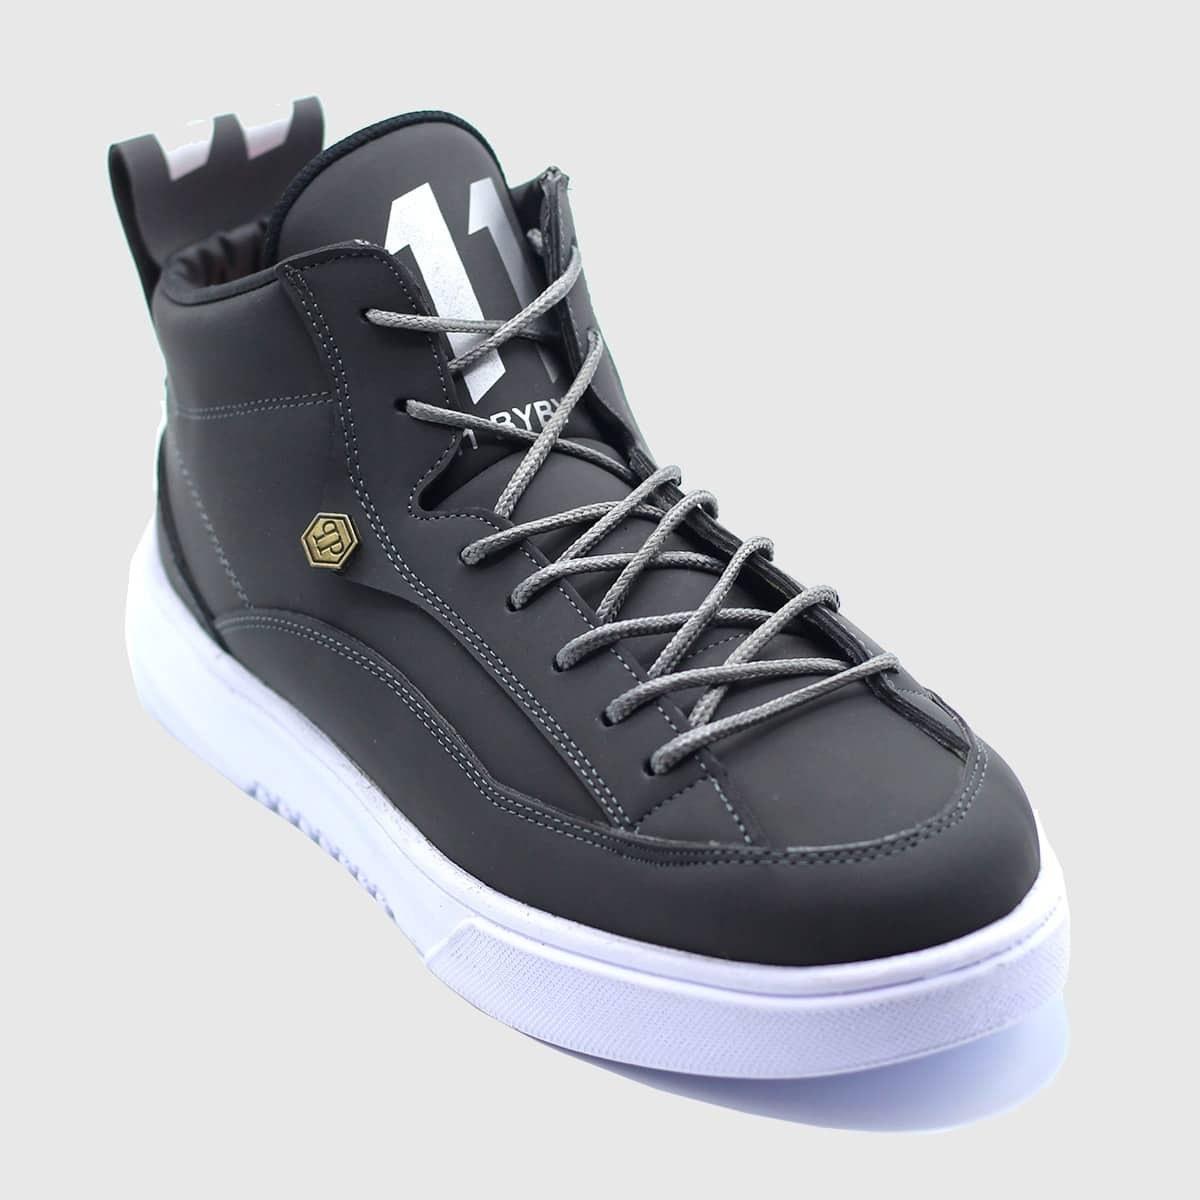 تصویر کفش اسپرت مردانه کد 1051